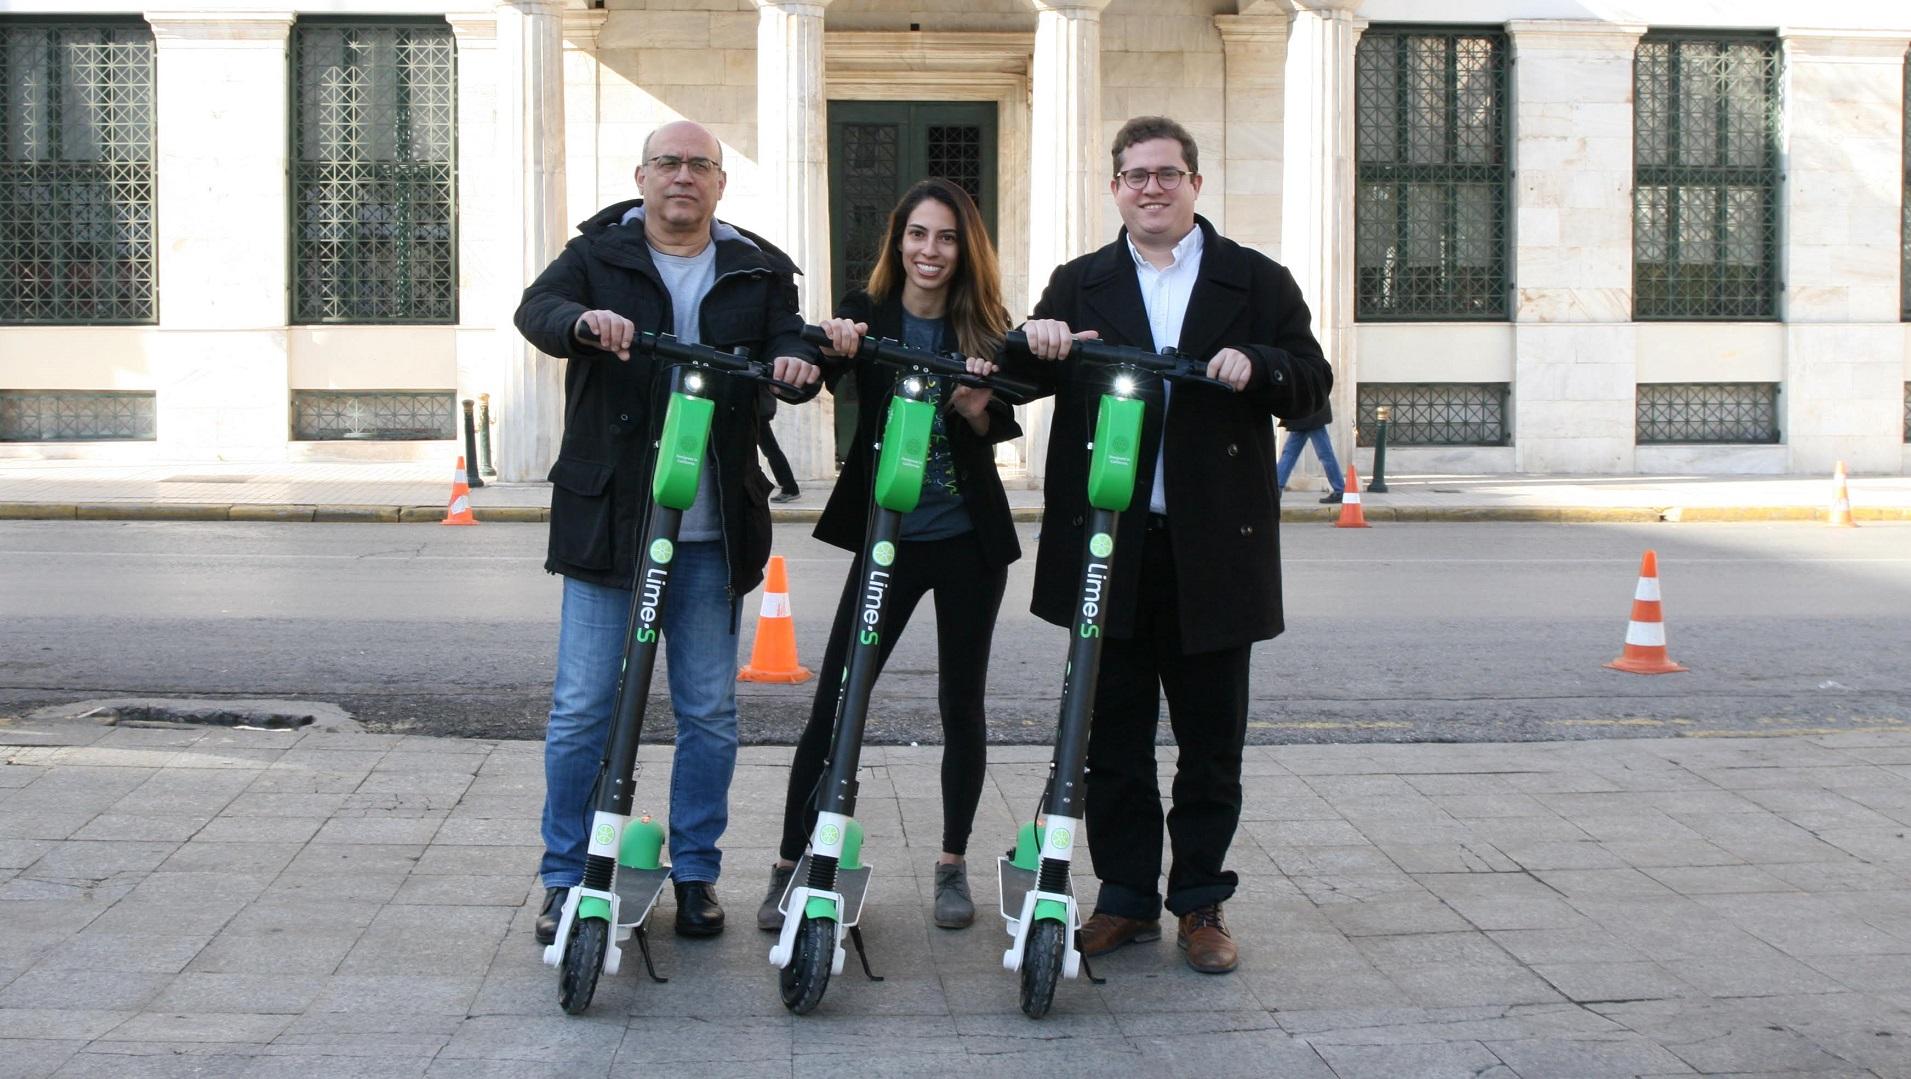 Los patinetes de Lime detectarán a los conductores ebrios